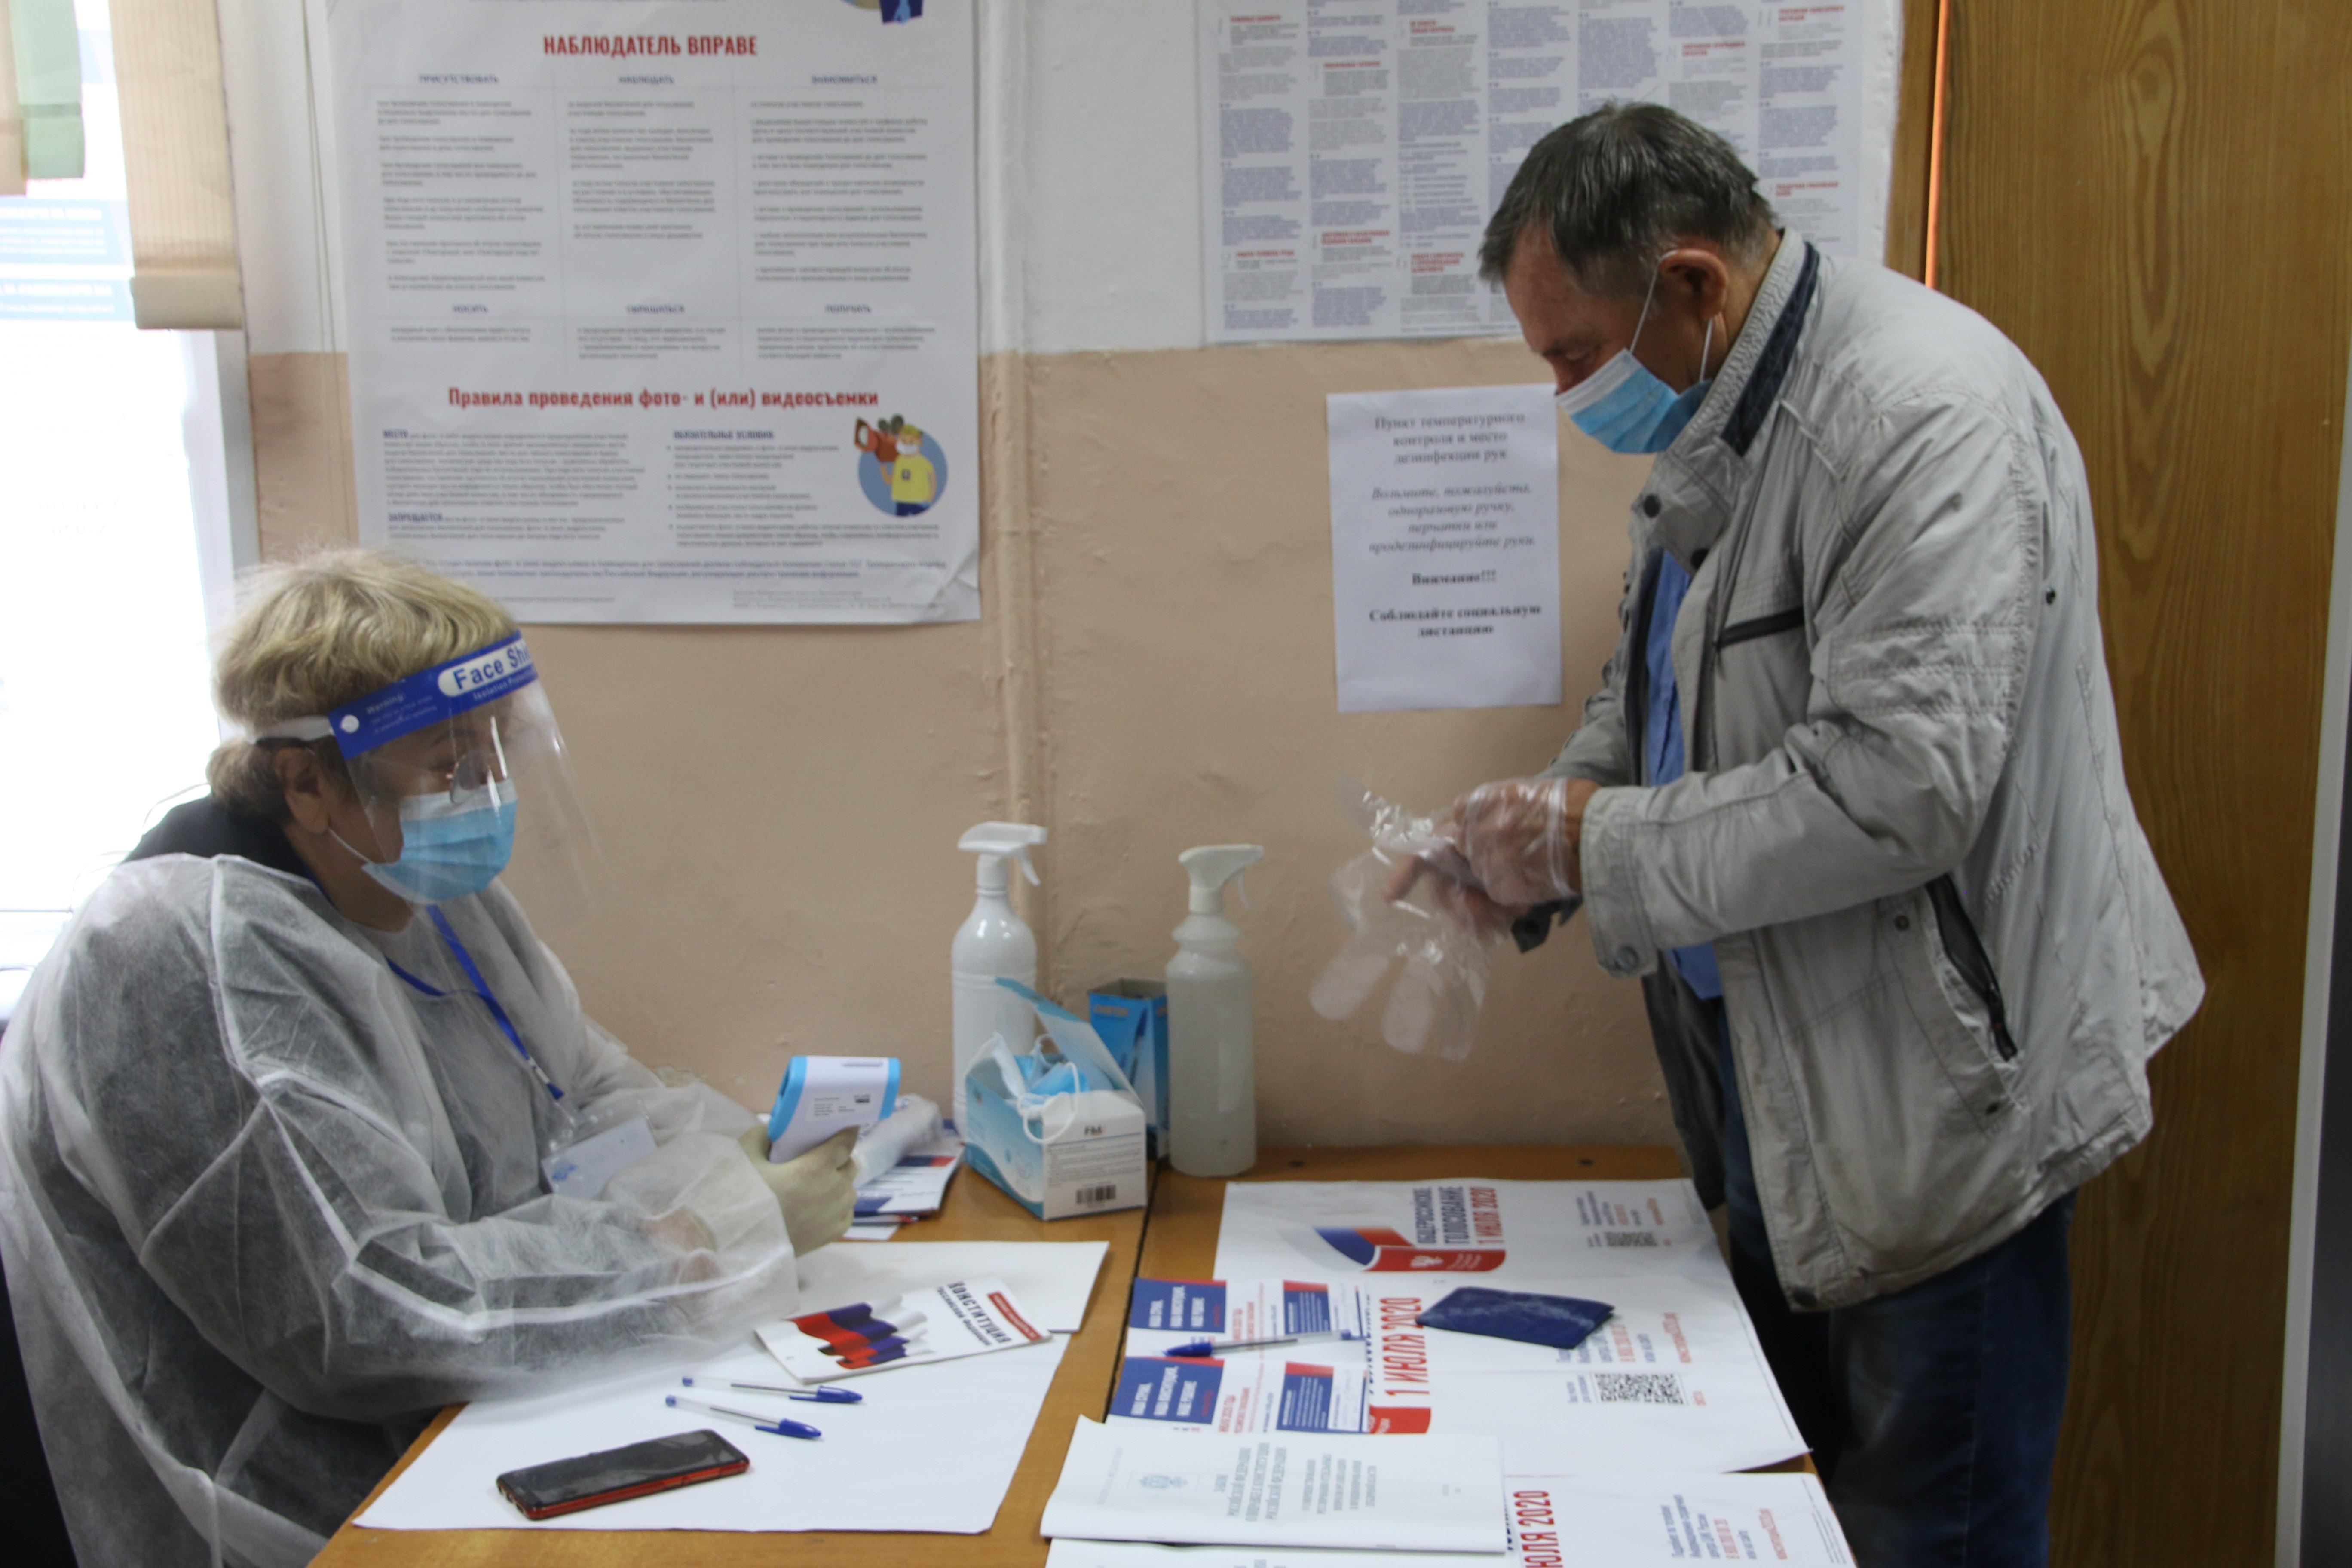 За первые дни плебисцита по поправкам в Приморье не выявлено нарушений